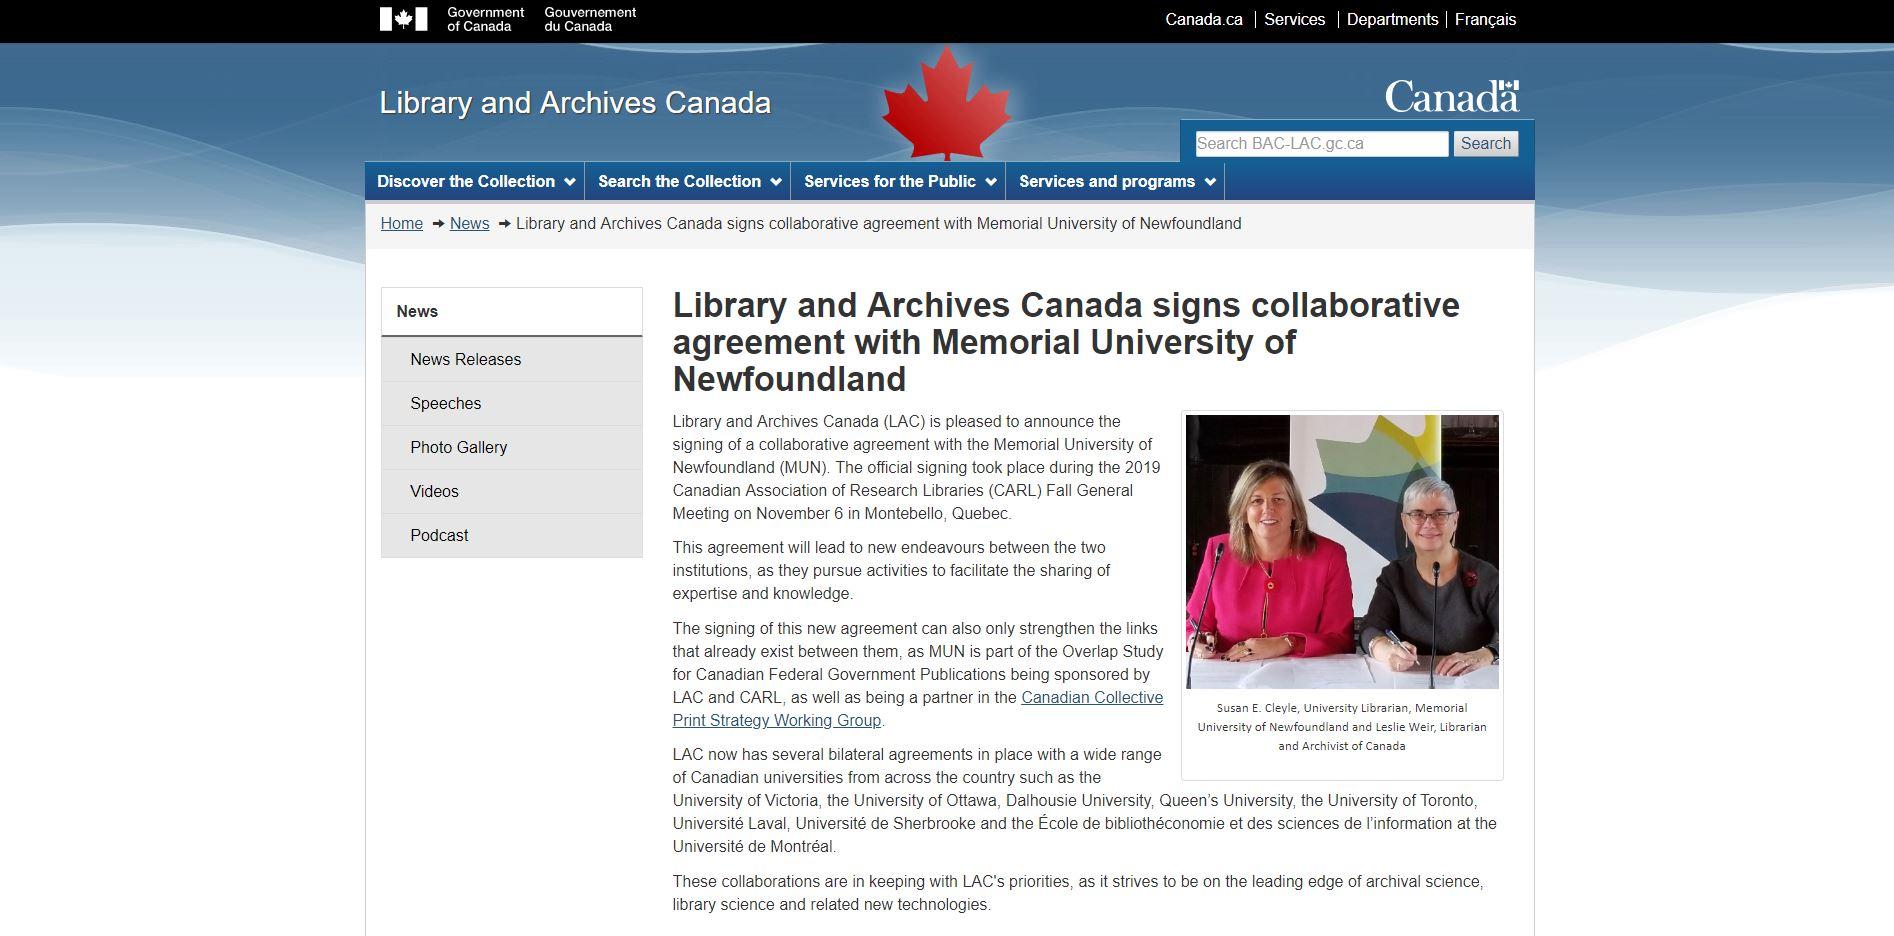 加拿大國家檔案館和紐芬蘭紀念大學簽署合作協議